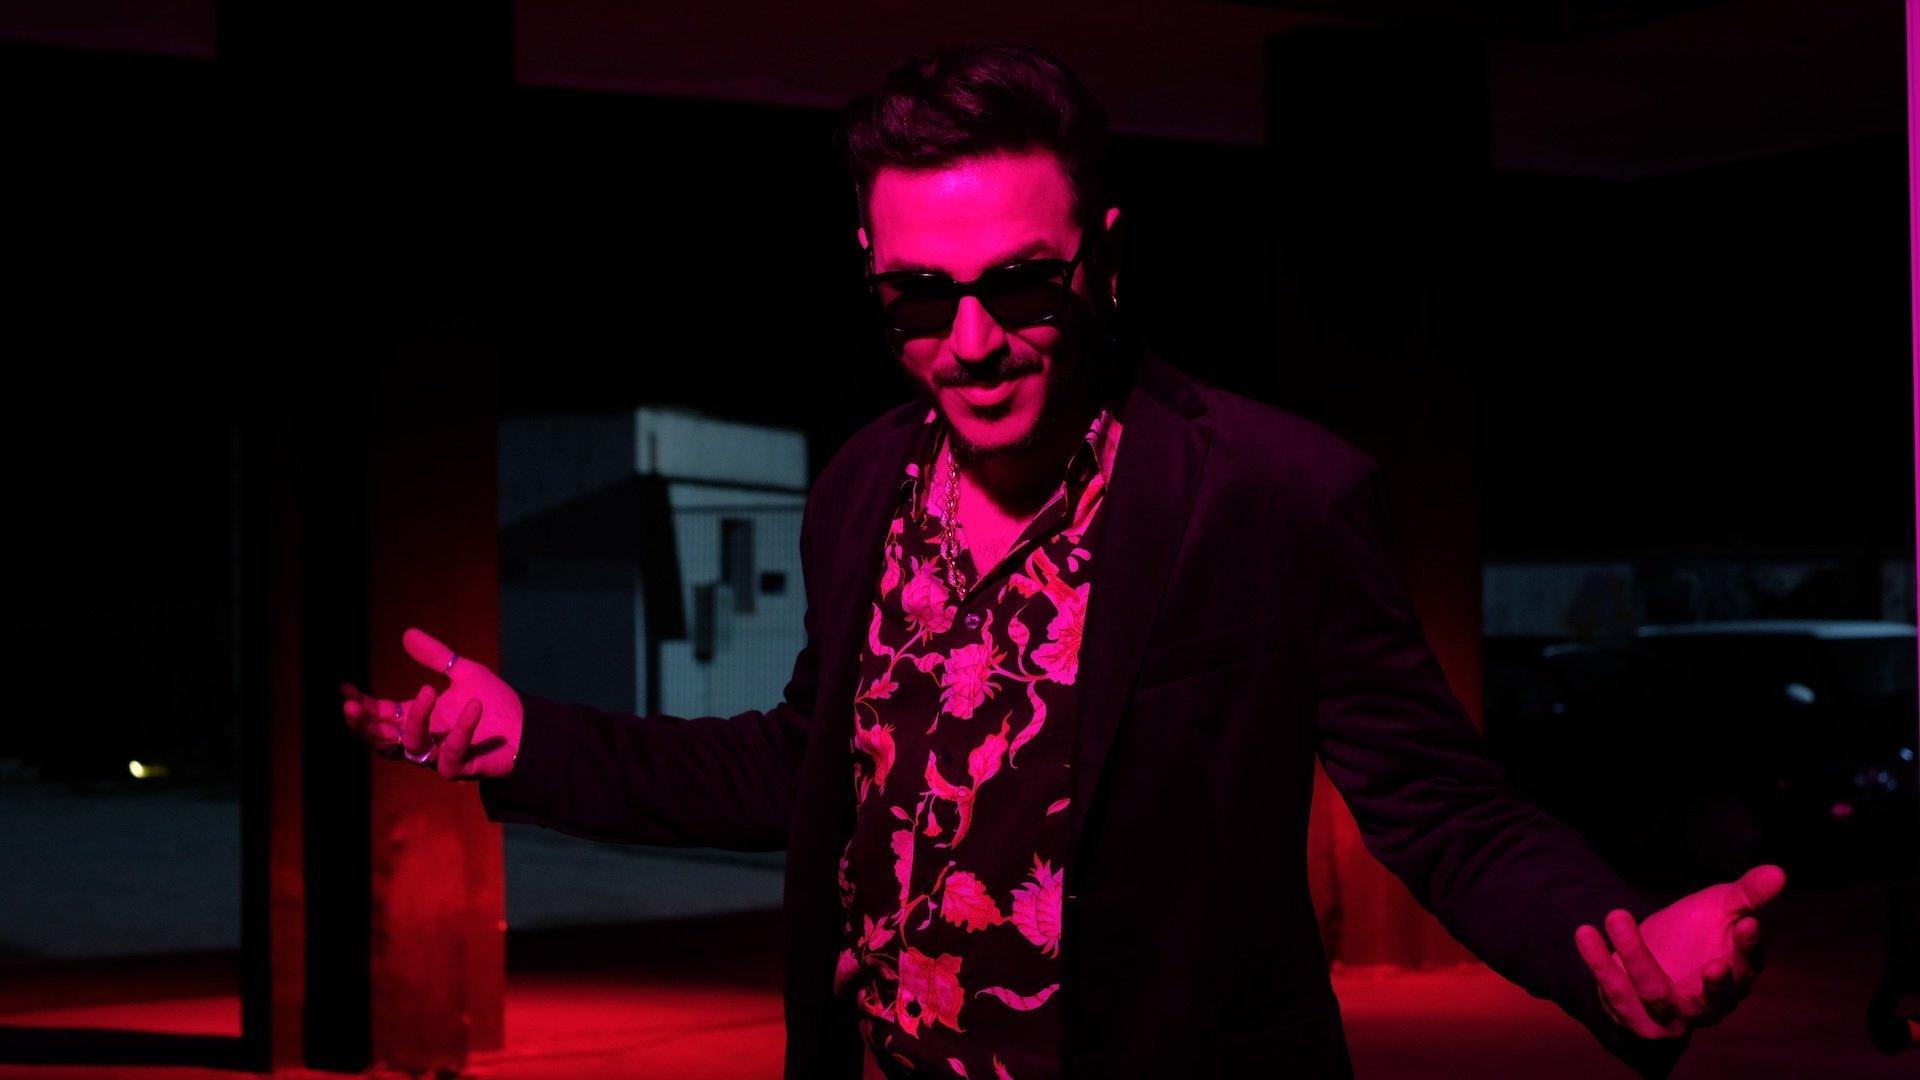 Cobra non è: dal 30 aprile su Prime Video l'opera prima di Mauro Russo